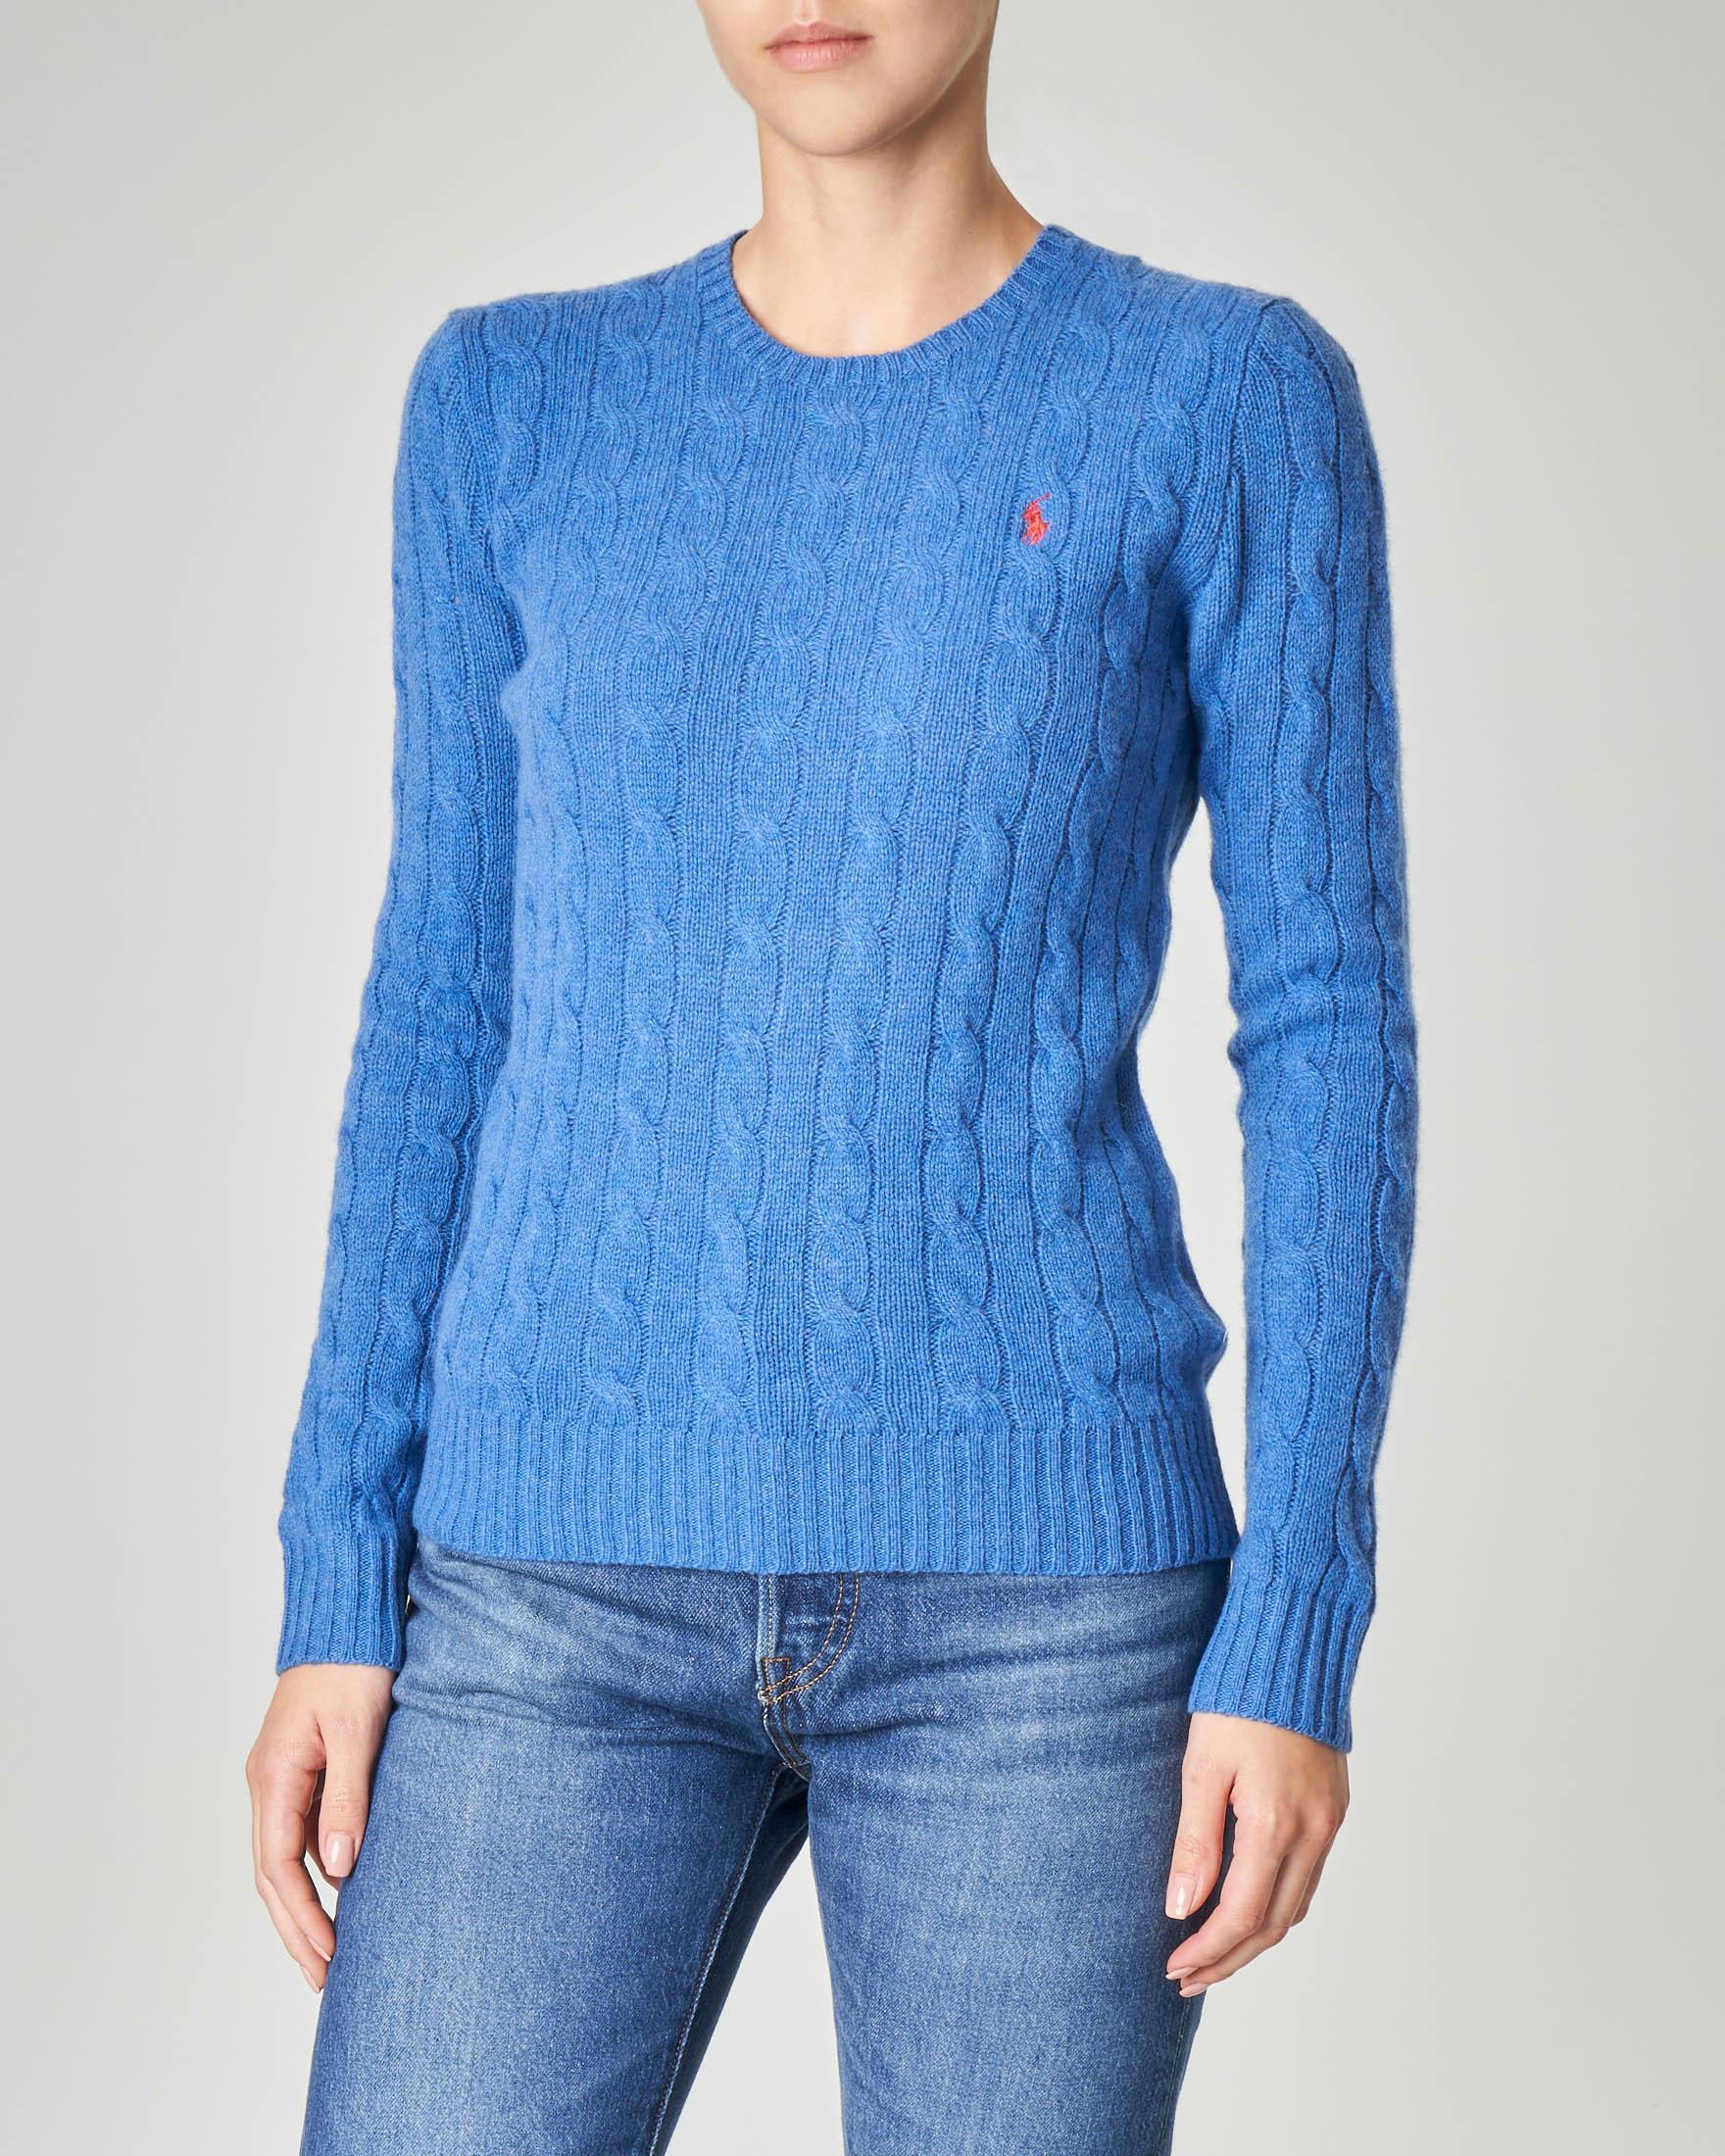 Maglia in lana misto cashmere a trecce color bluette